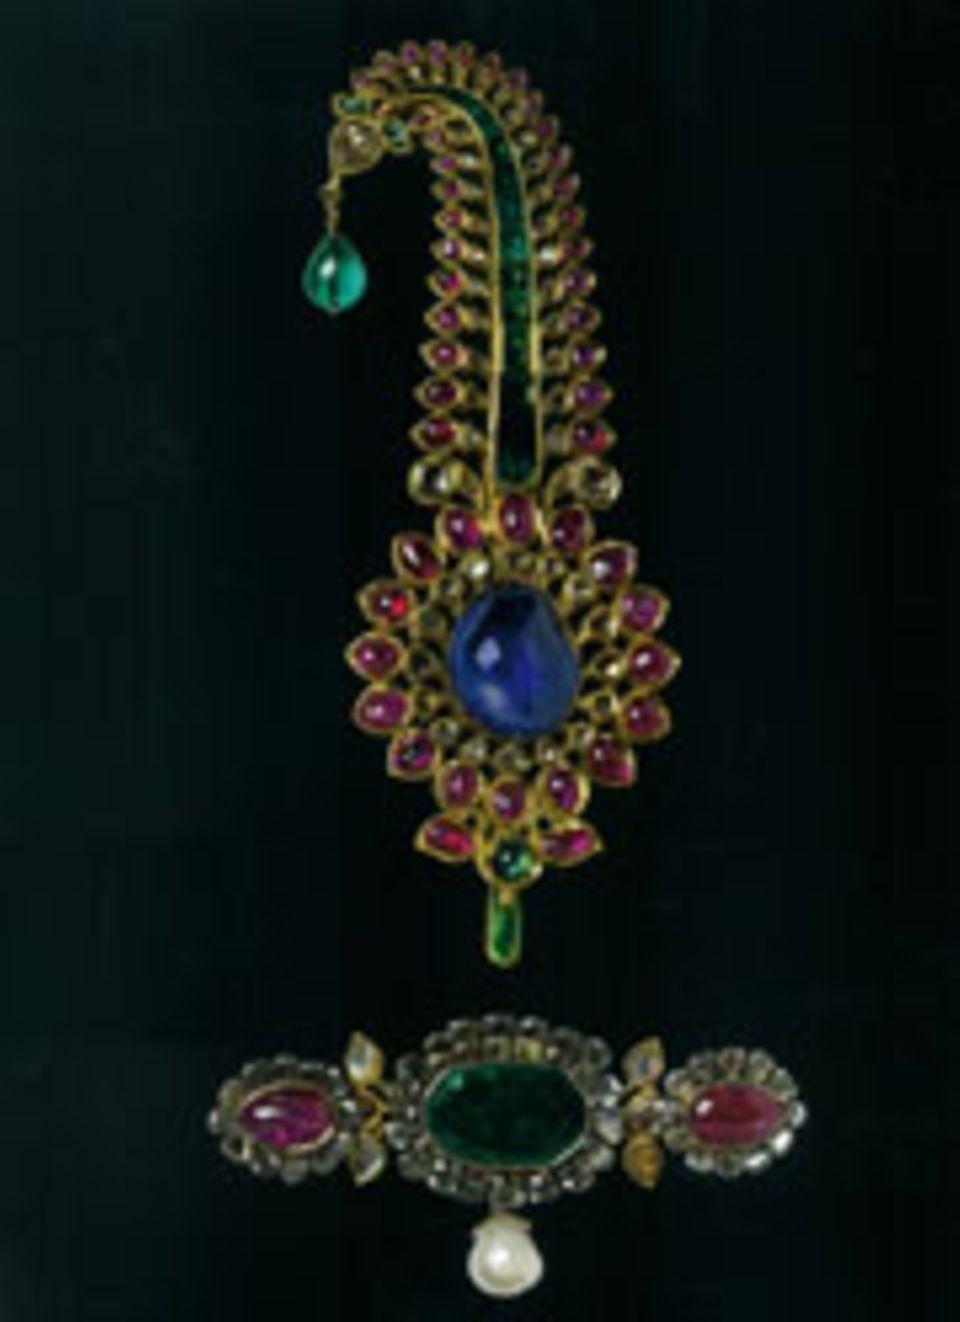 Indien: Kunstvolle Arbeiten aus Gold und Edelsteinen zieren, wie dieses Schmuckstück aus Bengalen, die Turbane vieler indischer Herrscher